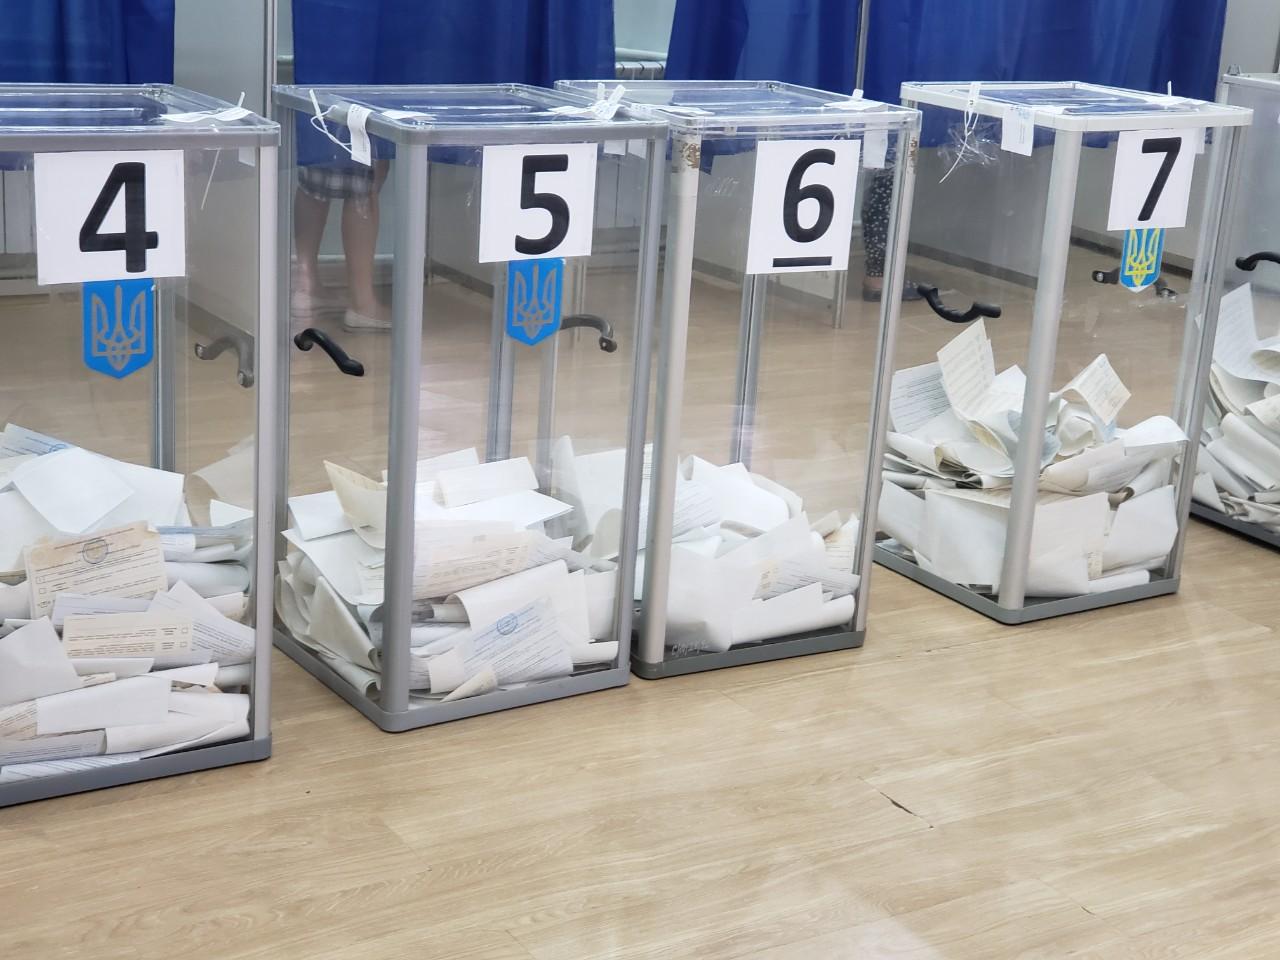 yzobrazhenye_viber_2019-07-21_17-02-28 Явка виборців на 97 виборчому окрузі на 16:00 становить 35,3%